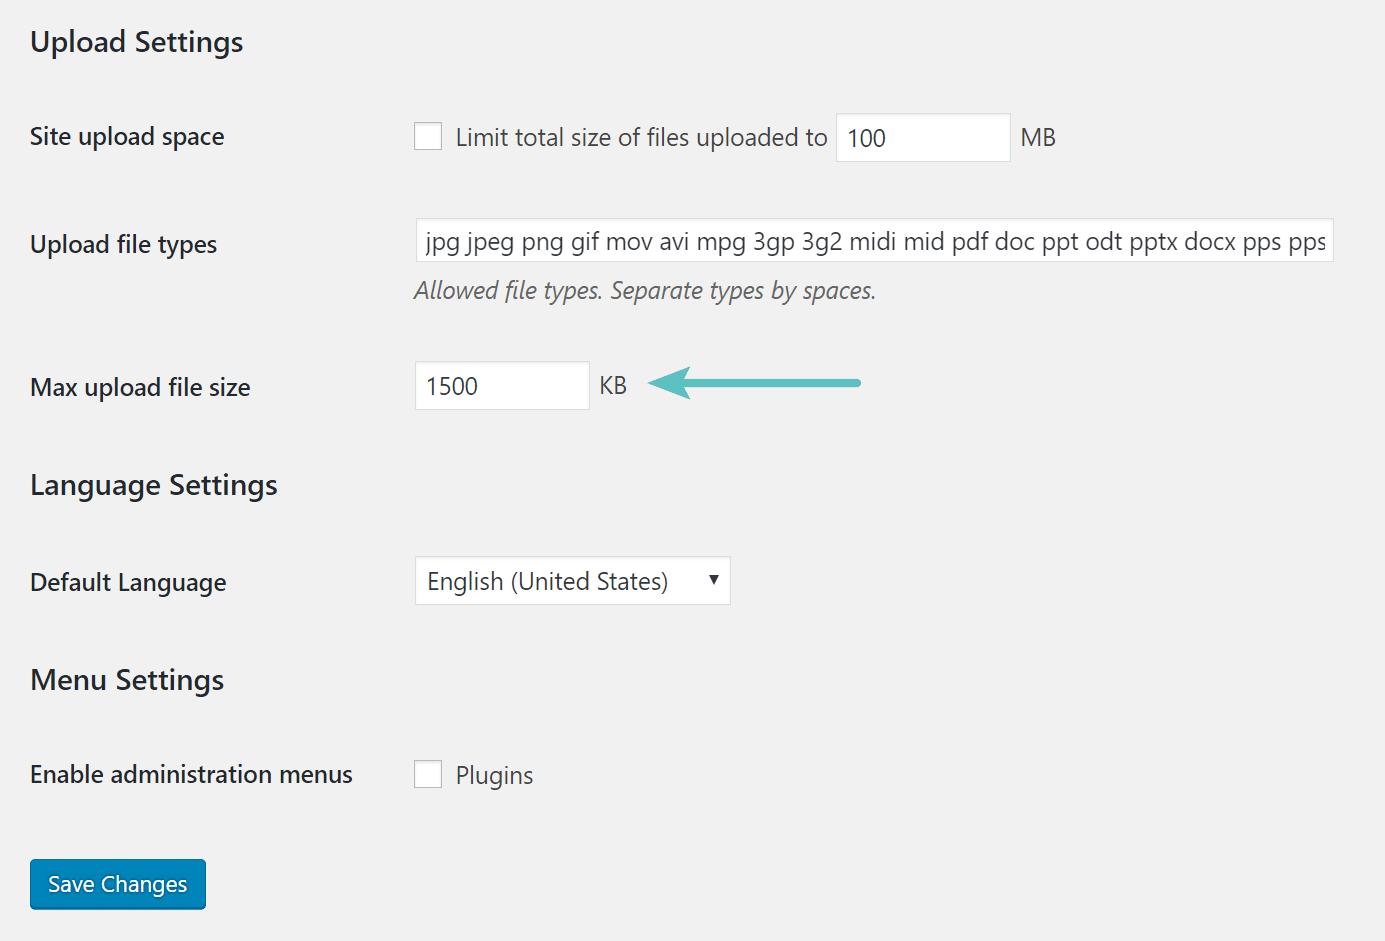 Altere o tamanho máximo de upload de arquivos no Multisite